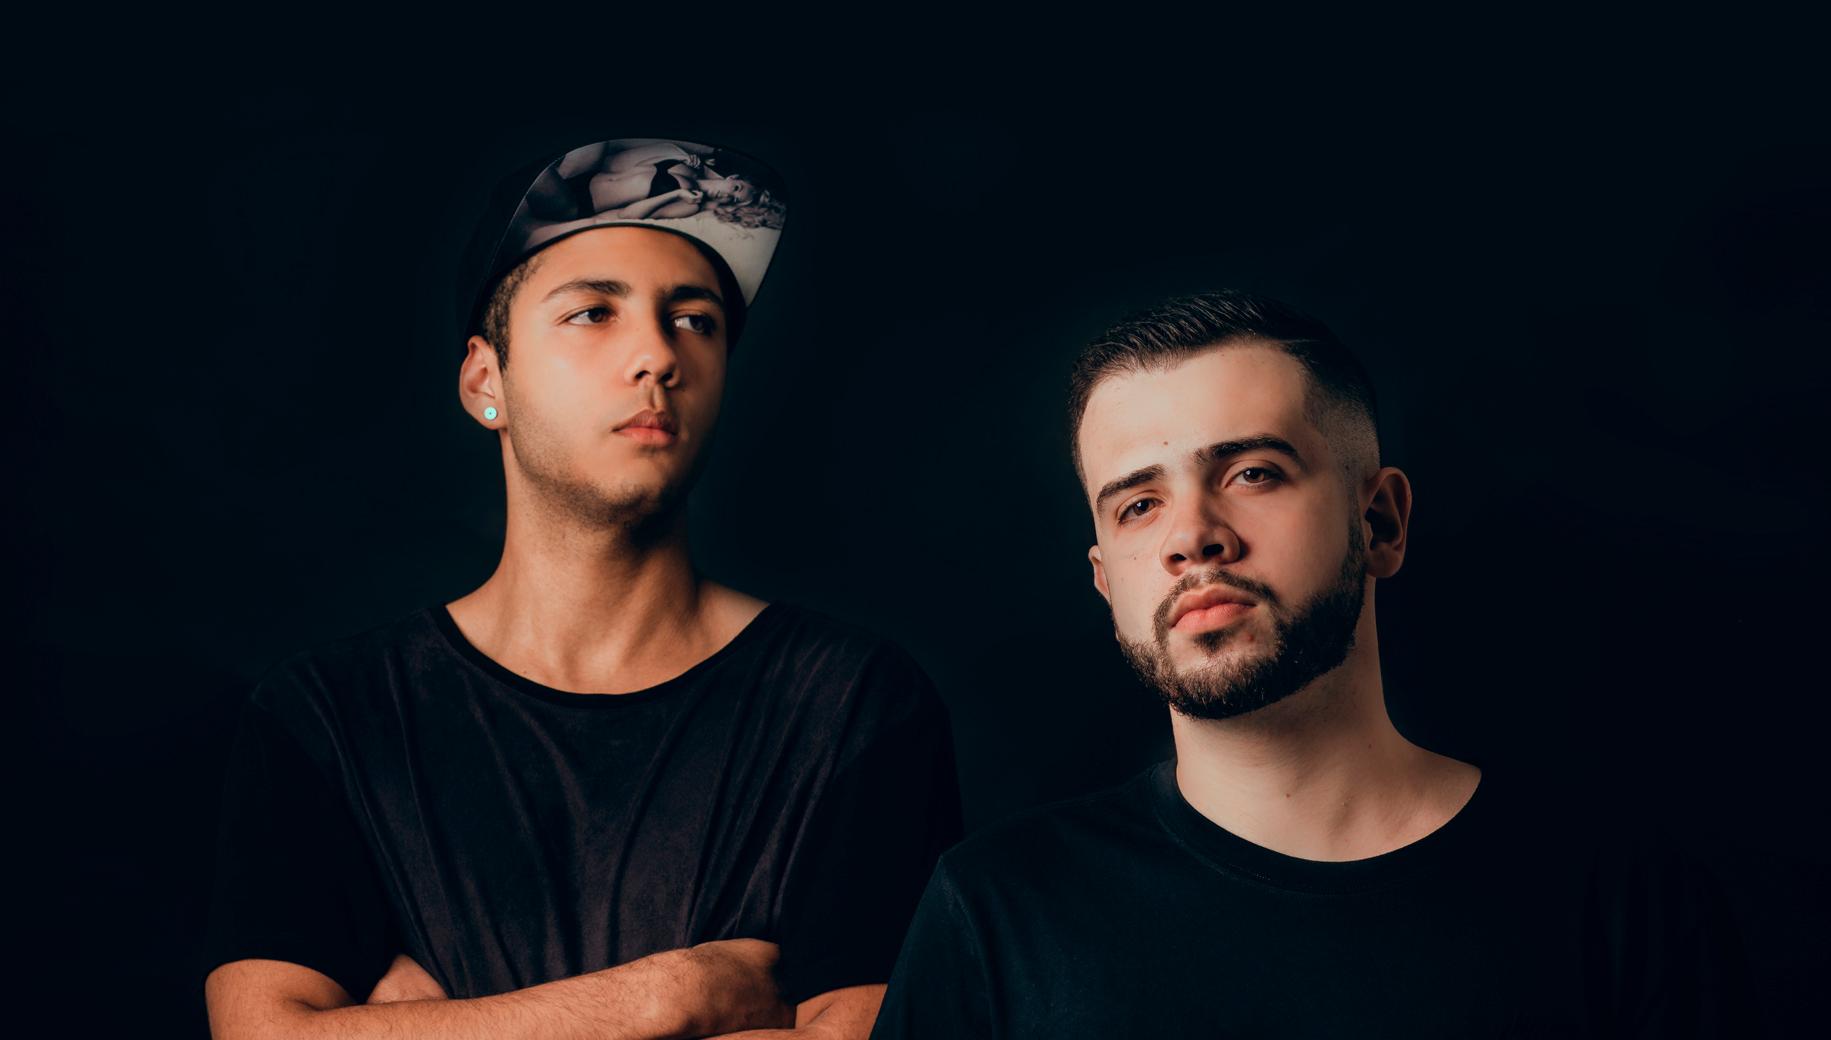 Conheça o duo DESTHEN e seu EP de estreia inspirado em vibrações melódicas techno